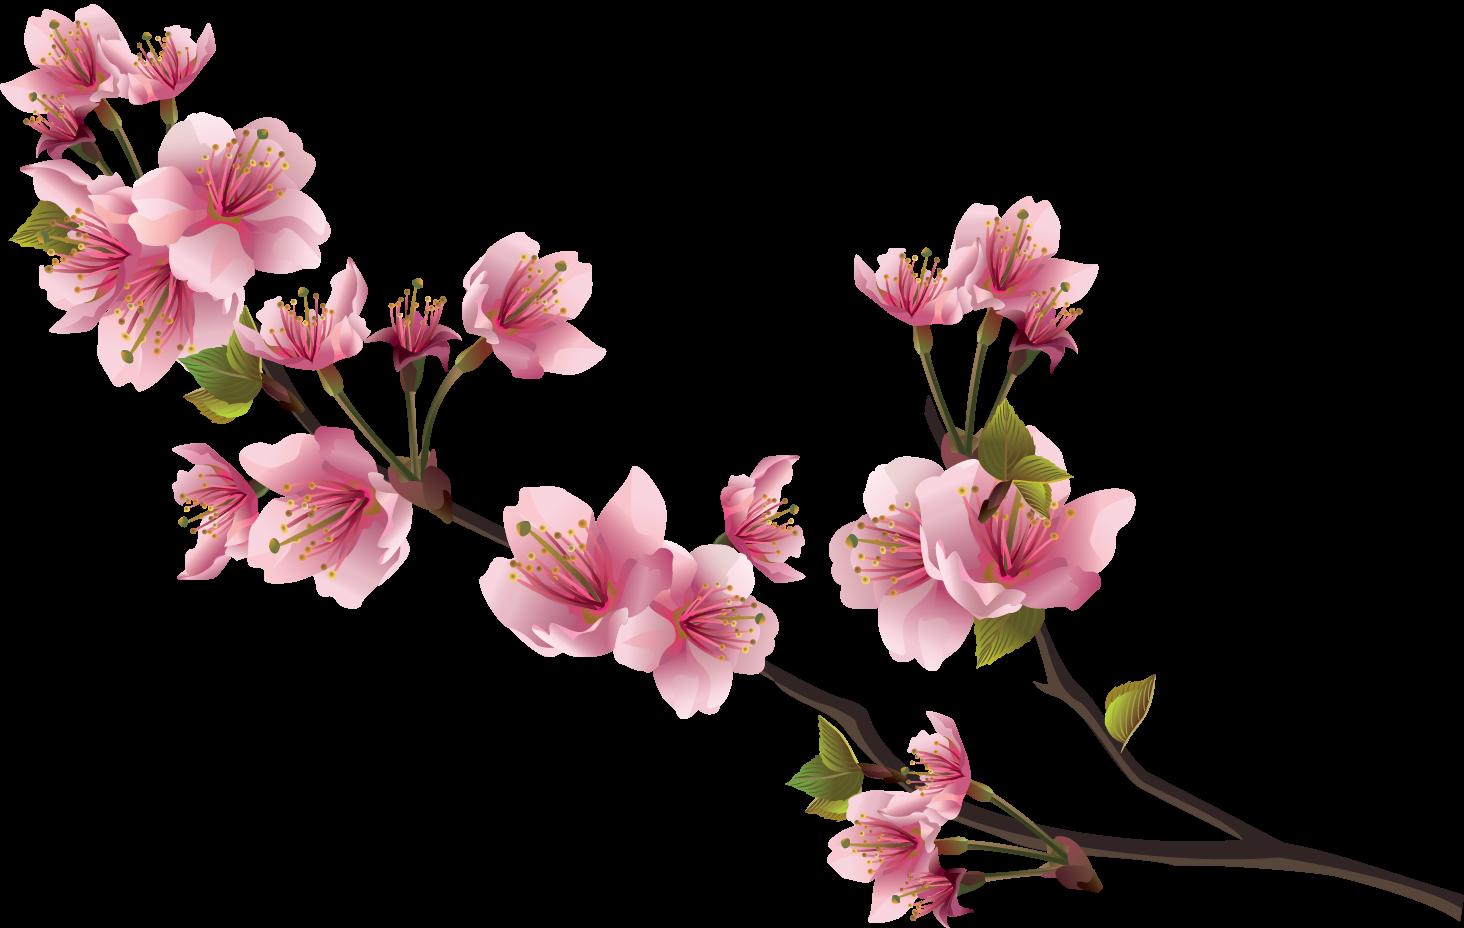 Sakura Pink Flowers PNG Image File.